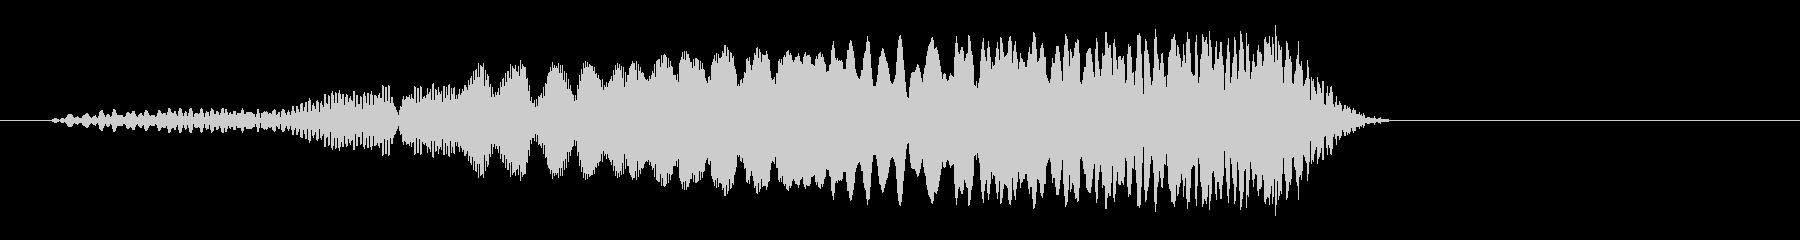 プロン(POPな場面が変わるような音)の未再生の波形